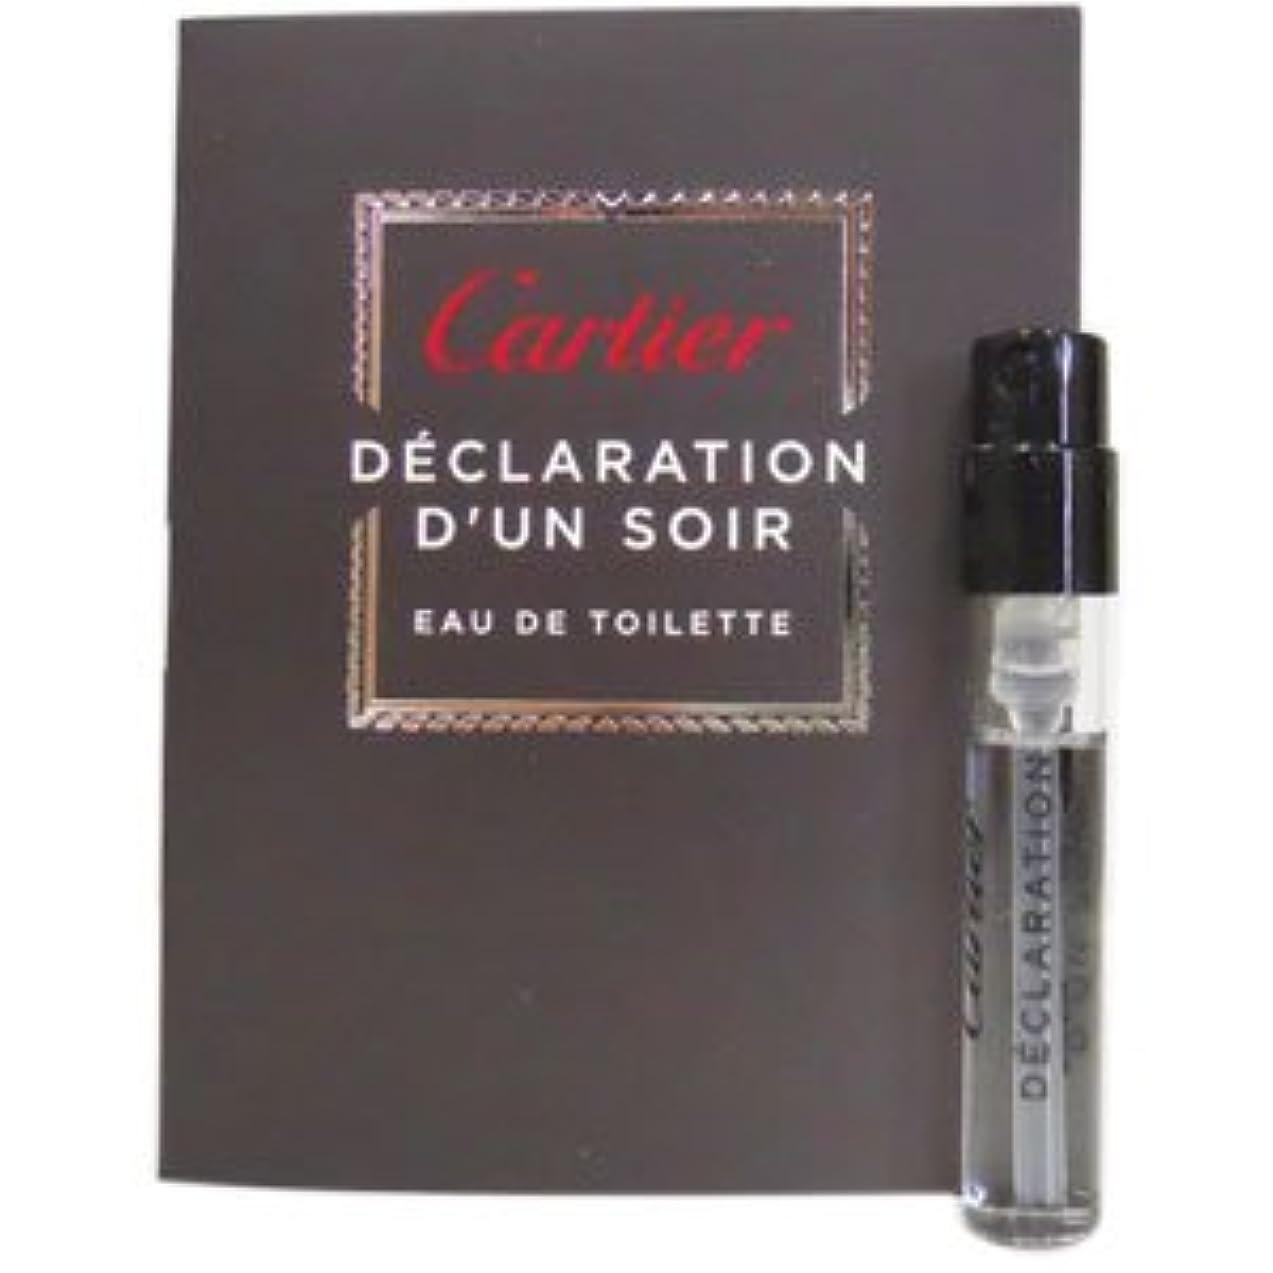 カルティエ デクラレーション ダン ソワール オードトワレ 1.5ml CARTIER DECLARATION D'UN SOIR EDT [並行輸入品]